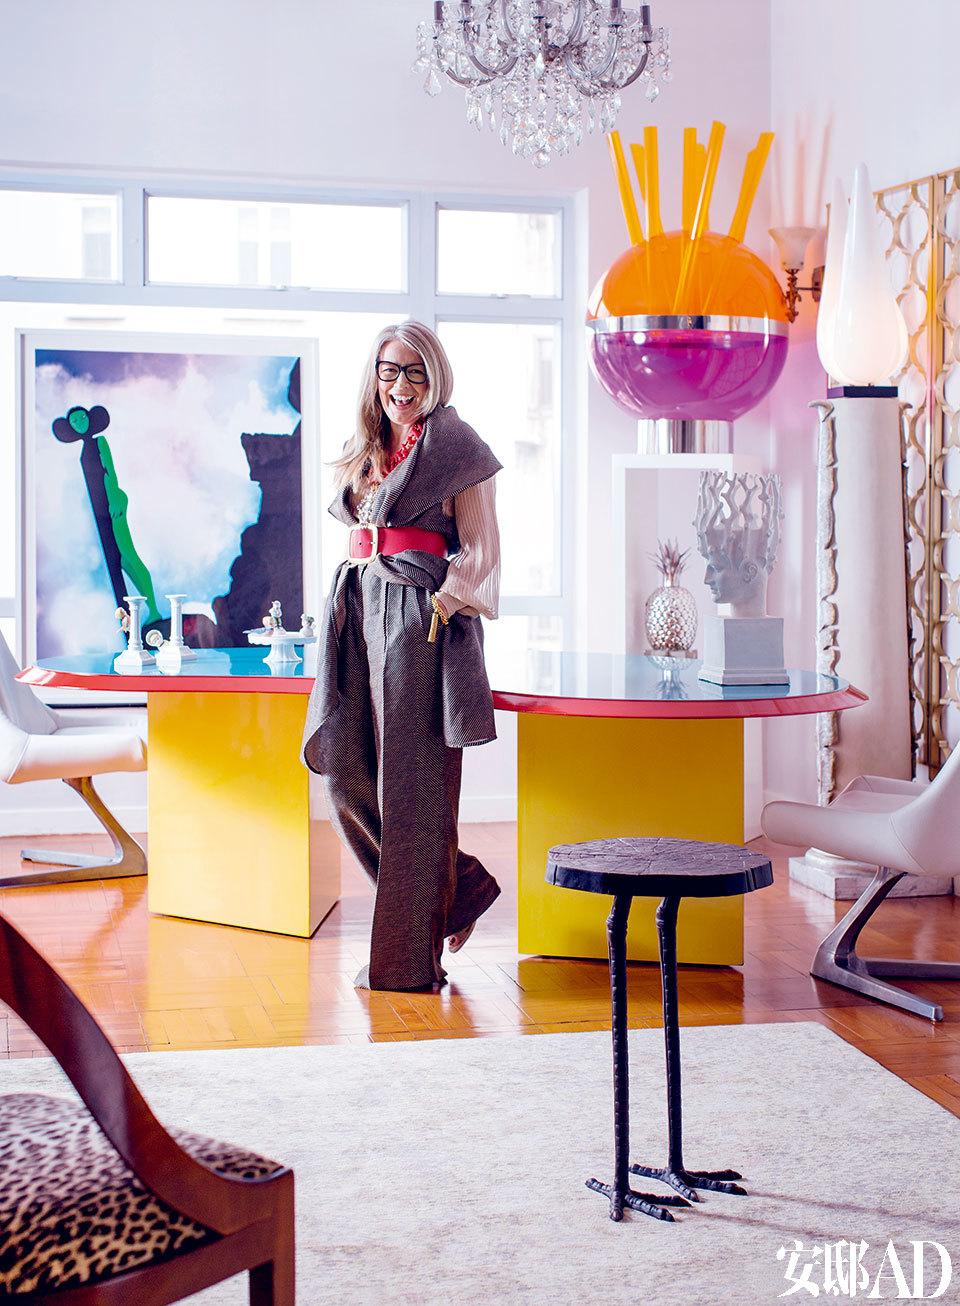 餐厅的风格充满戏剧性,米兰品牌Memphis 在1976年生产的Ettore Sottsass多色餐桌成为视觉重点。